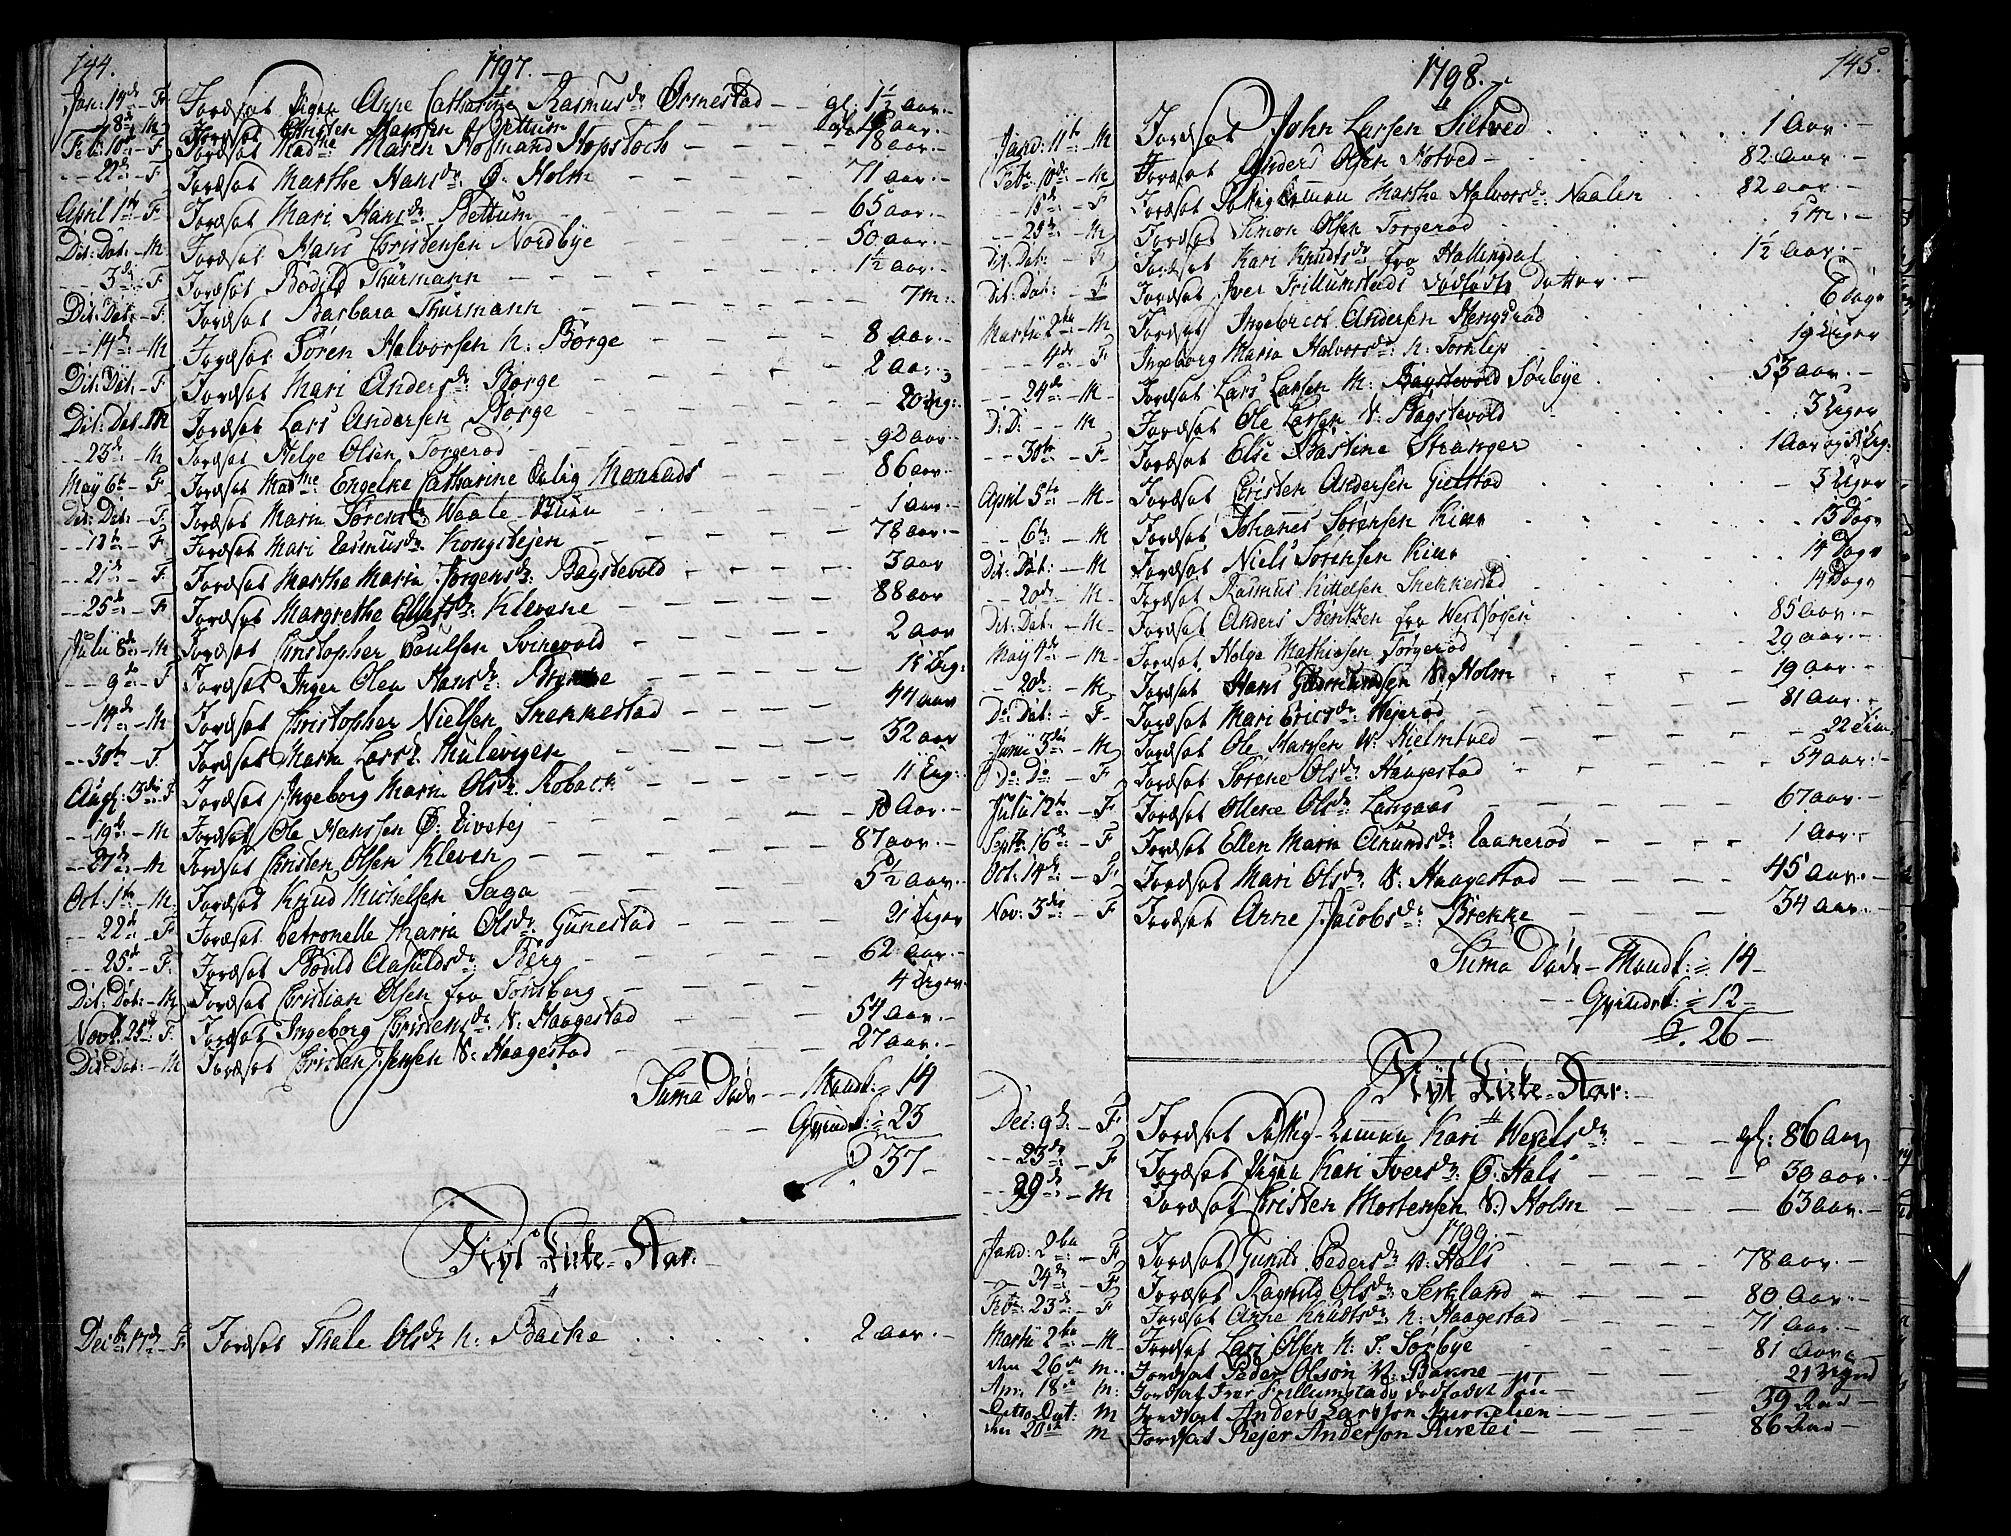 SAKO, Våle kirkebøker, F/Fa/L0005: Ministerialbok nr. I 5, 1773-1808, s. 144-145